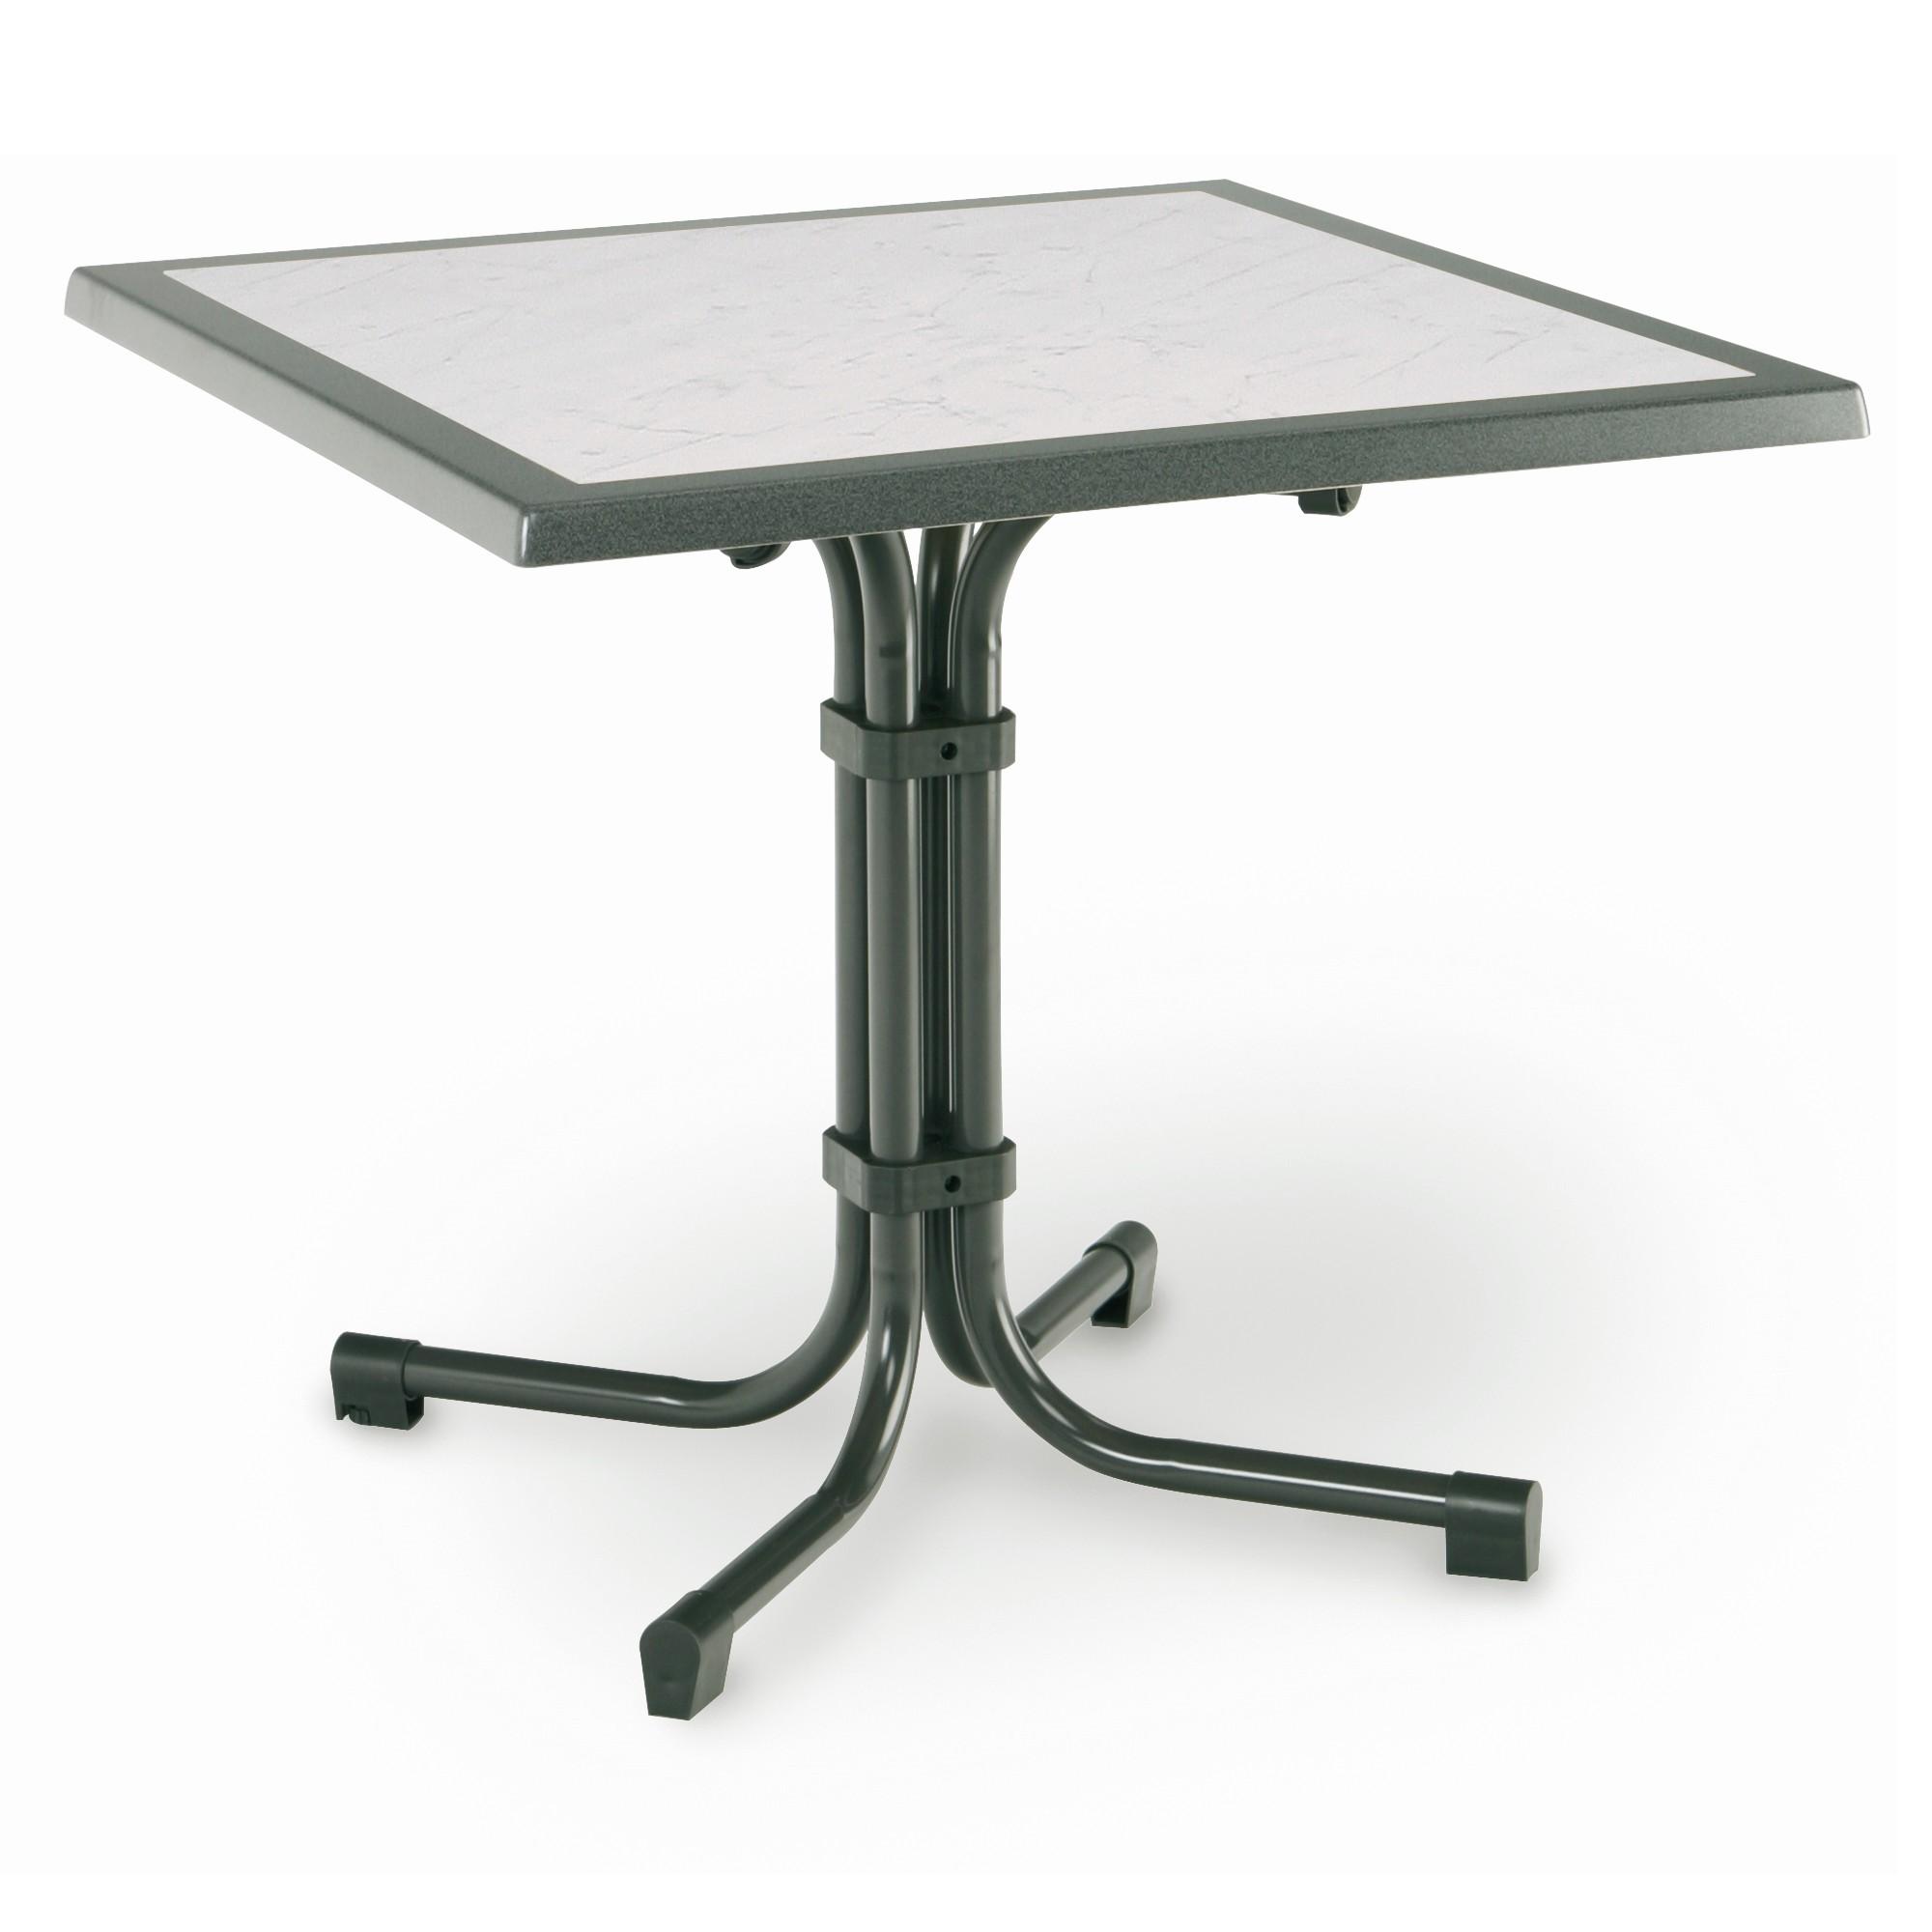 Gartentisch 120x70 Kettler Gartentisch Klappbar Avaformalwear